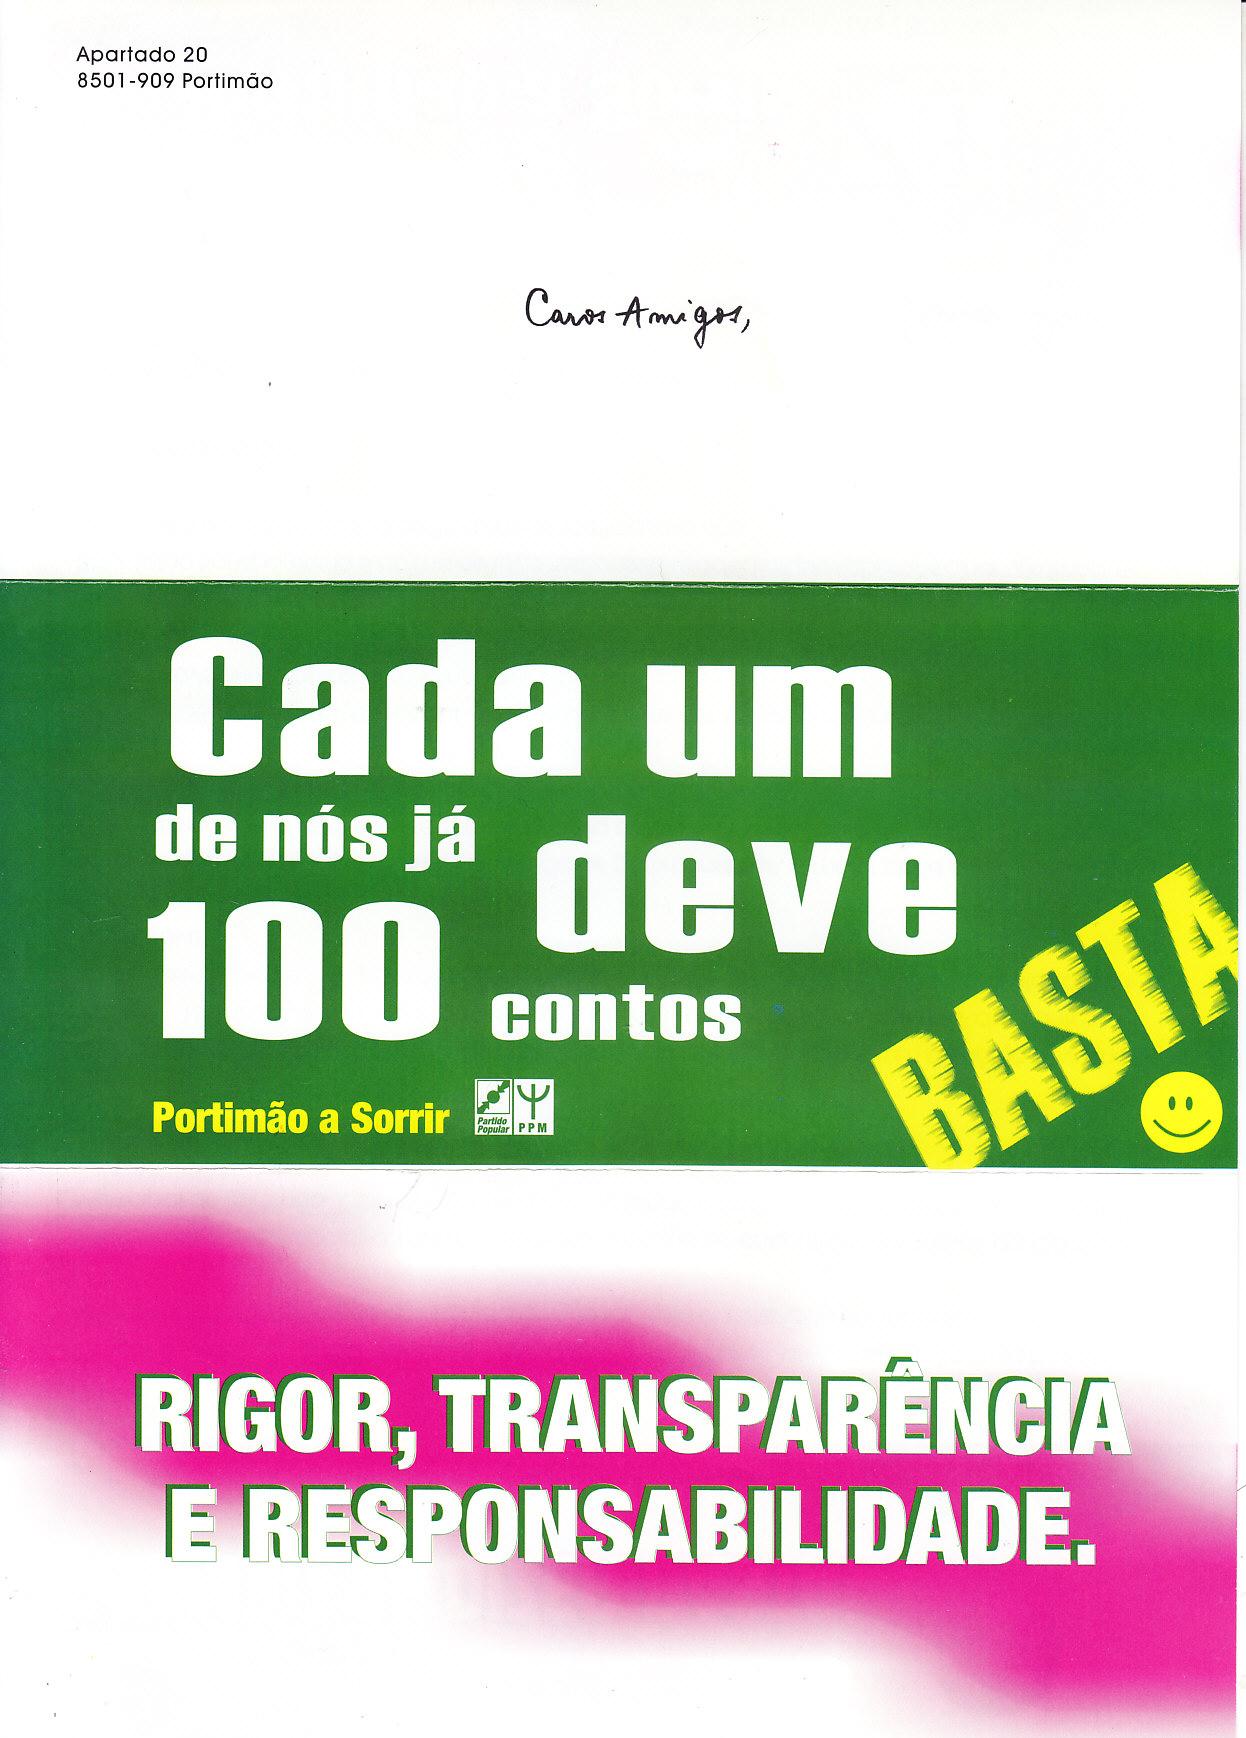 Jaime_Dias_Portimao_2001_0016